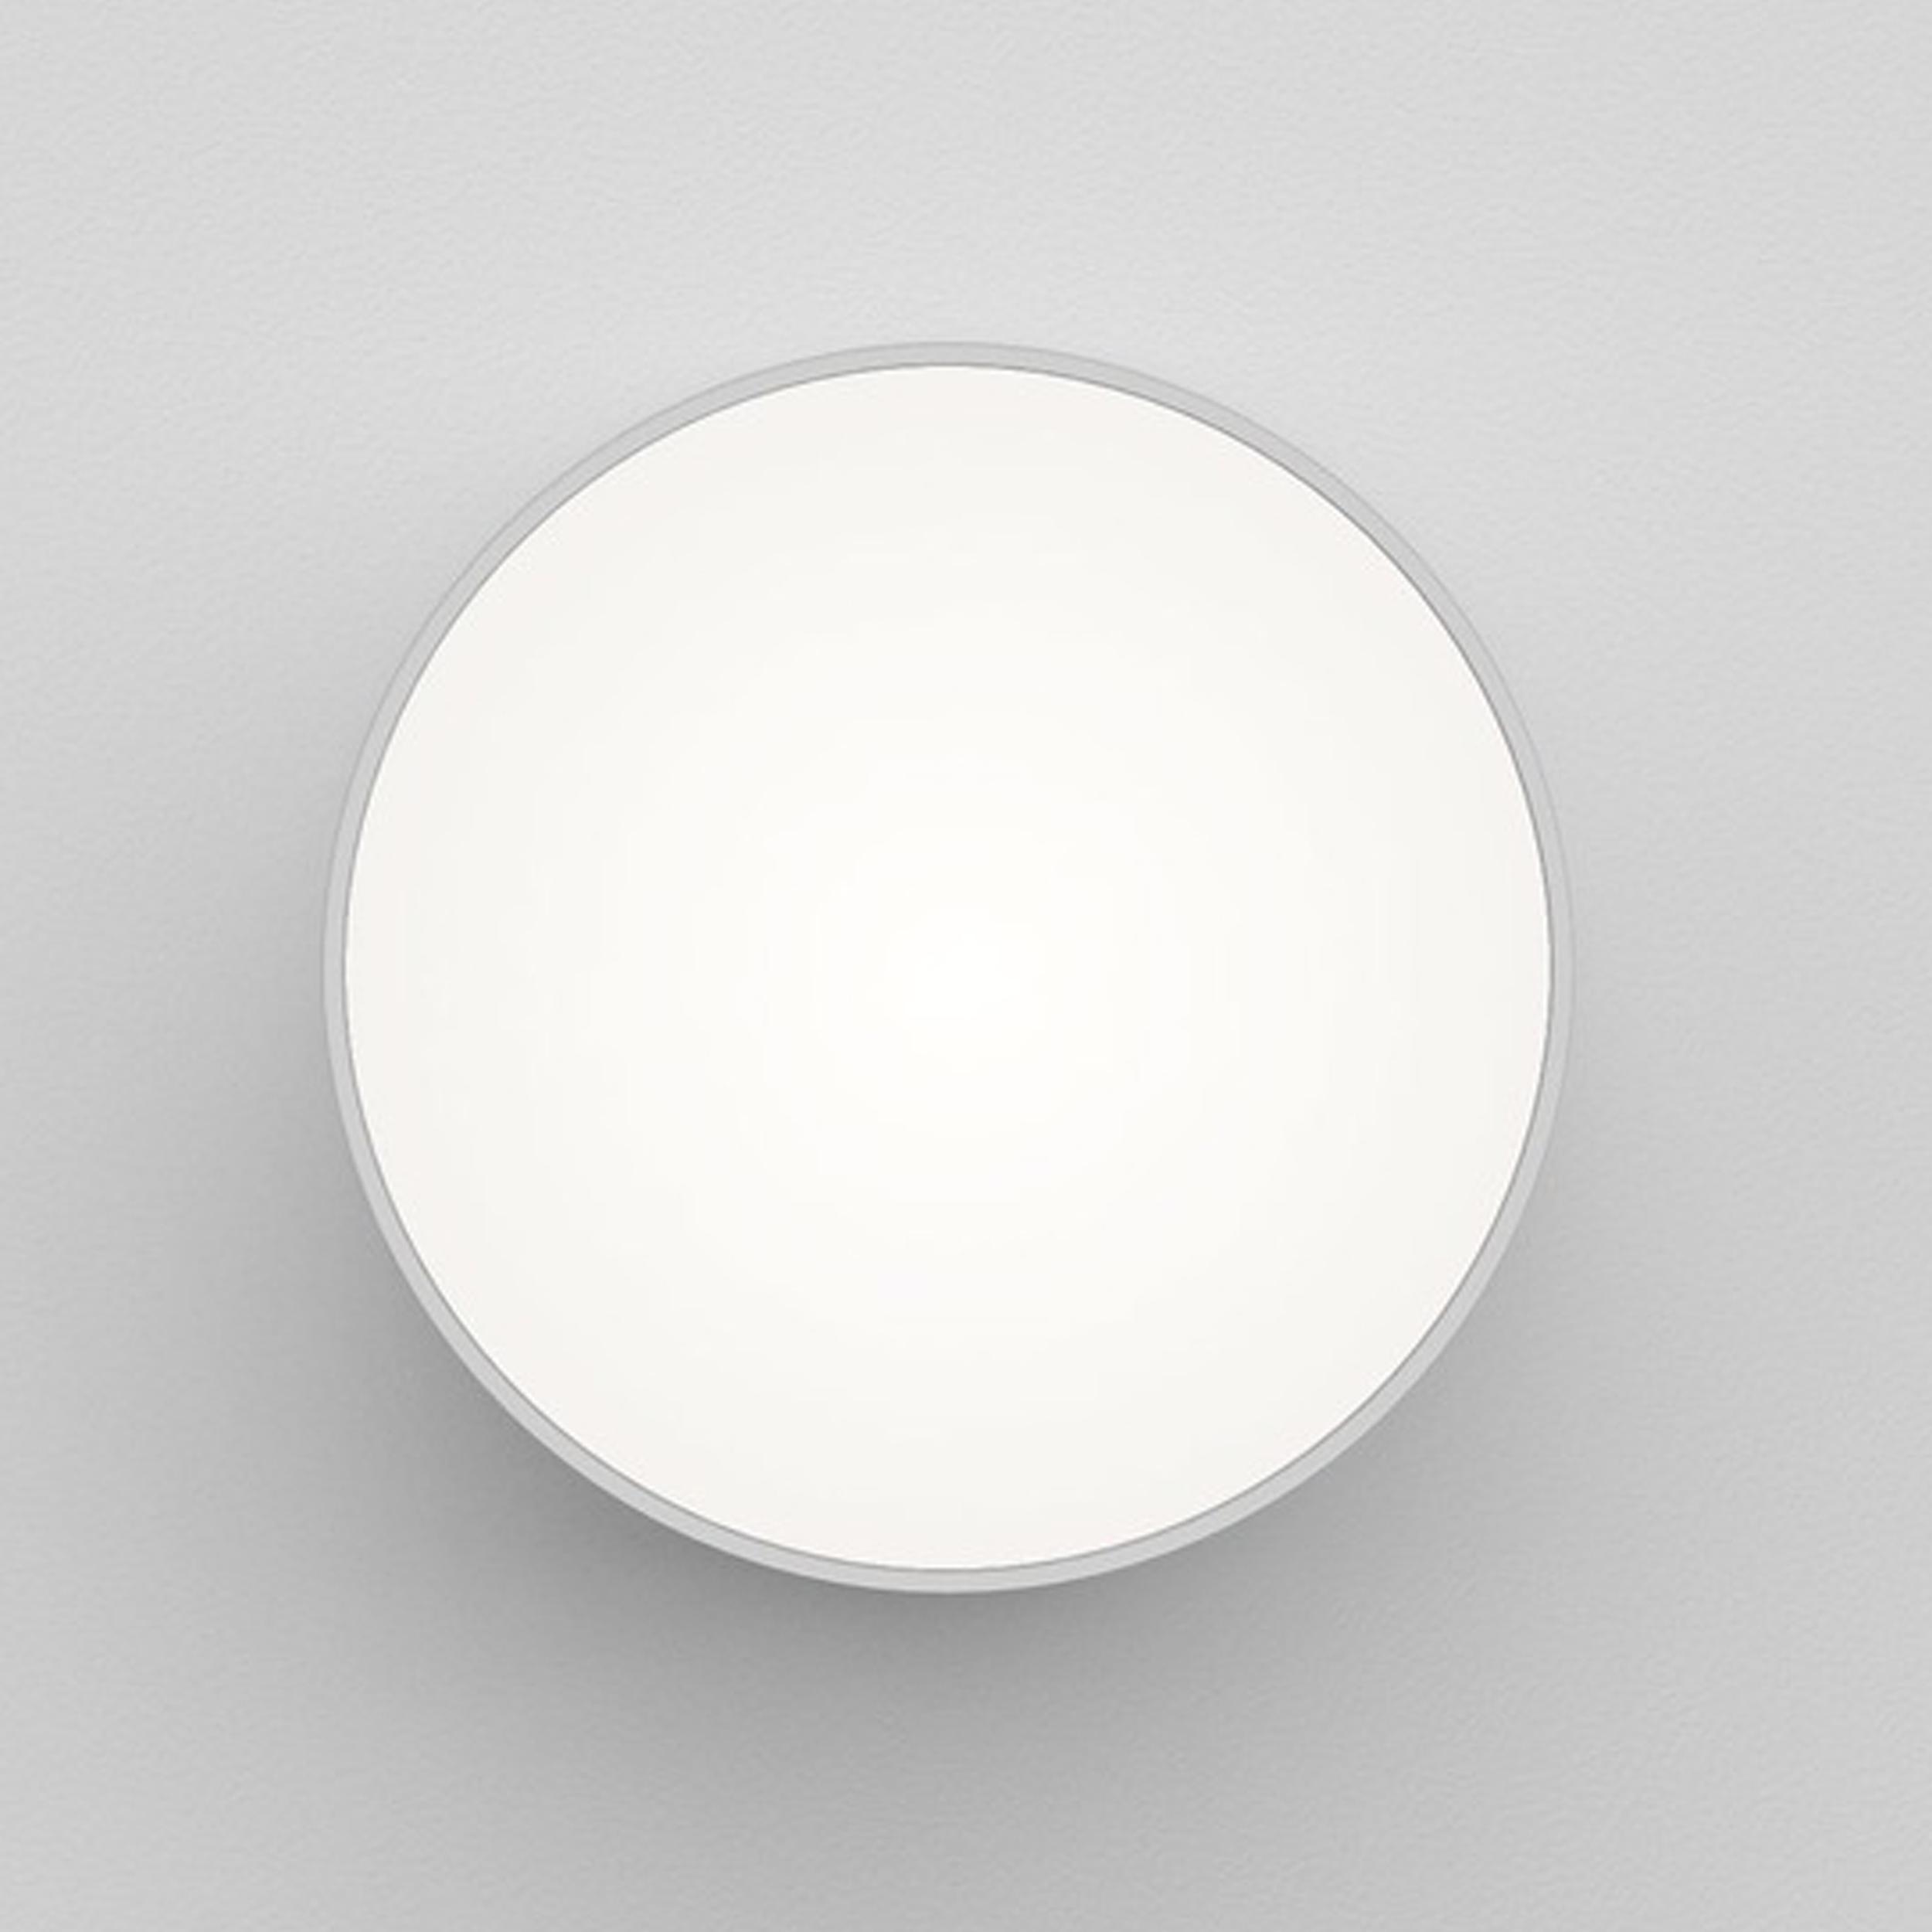 Astro Kea 250 Round Wall Light White D